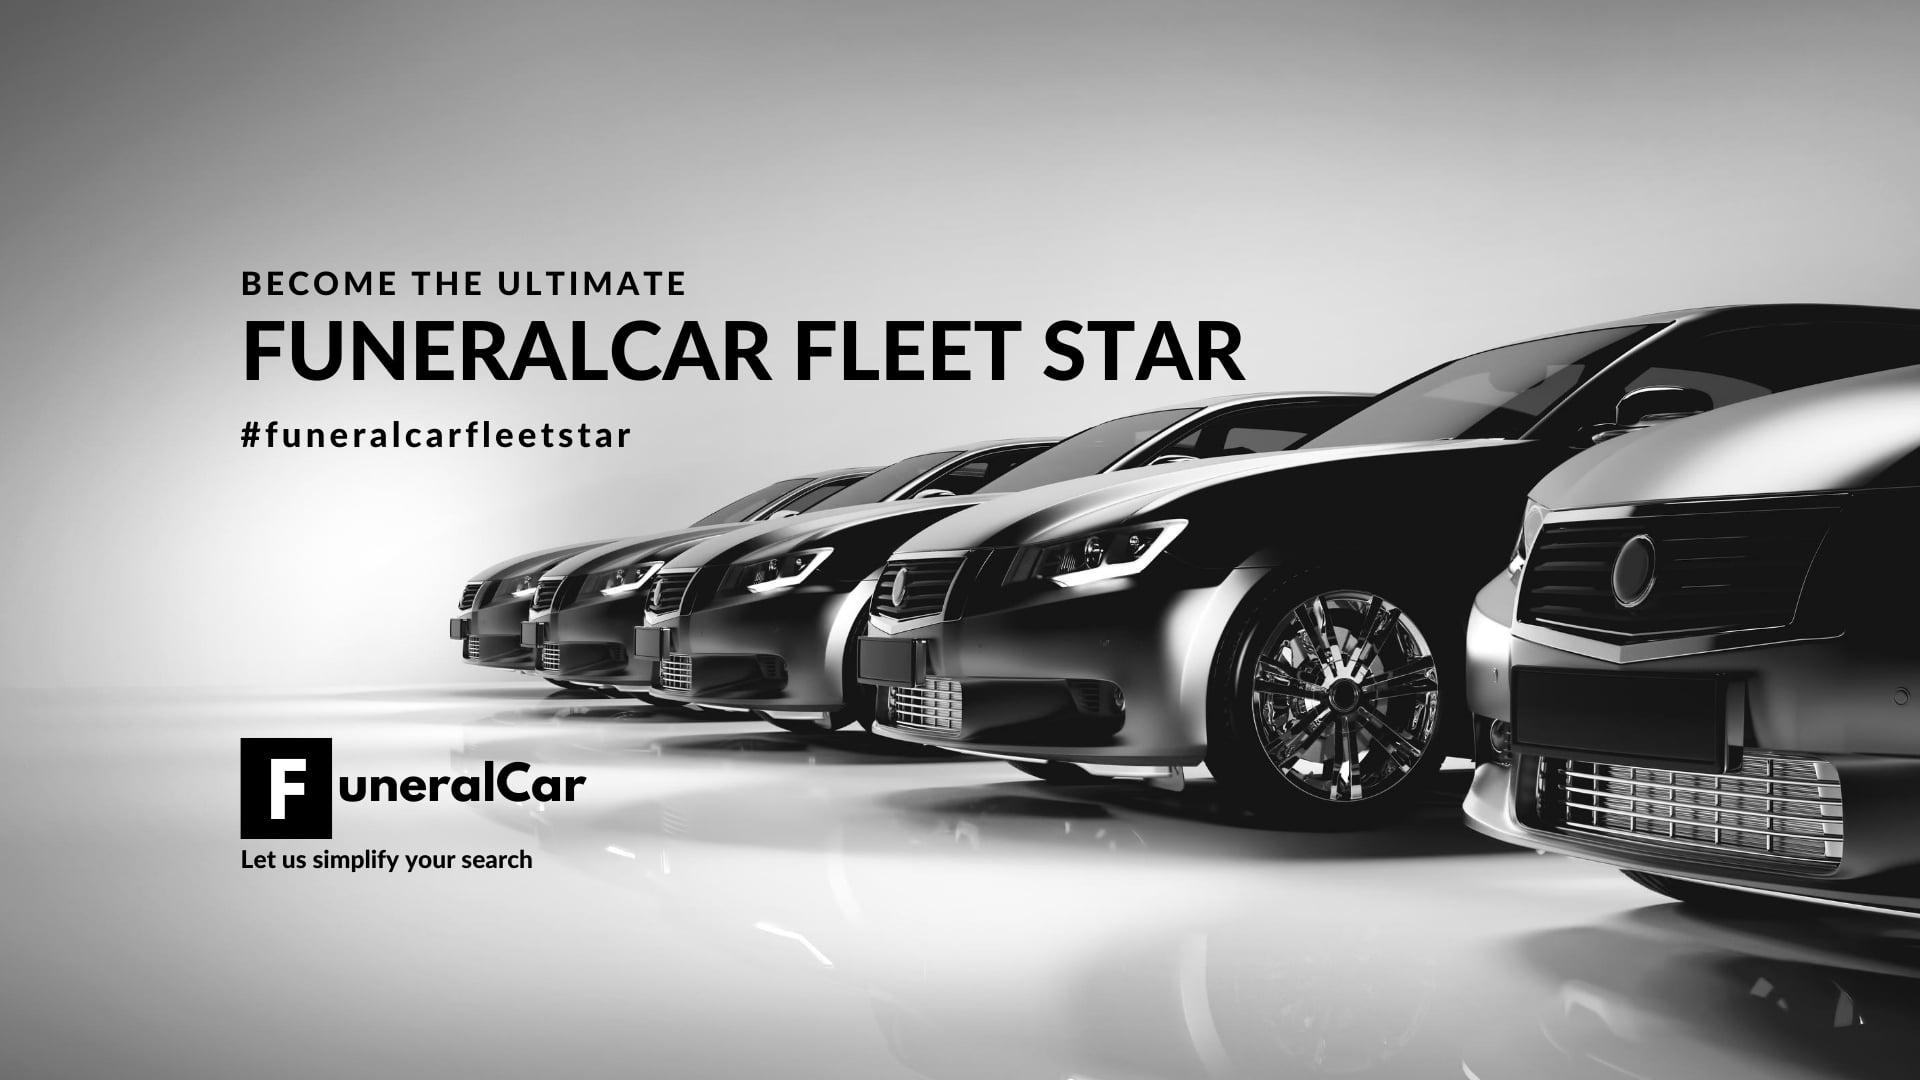 FuneralCar Fleet Star